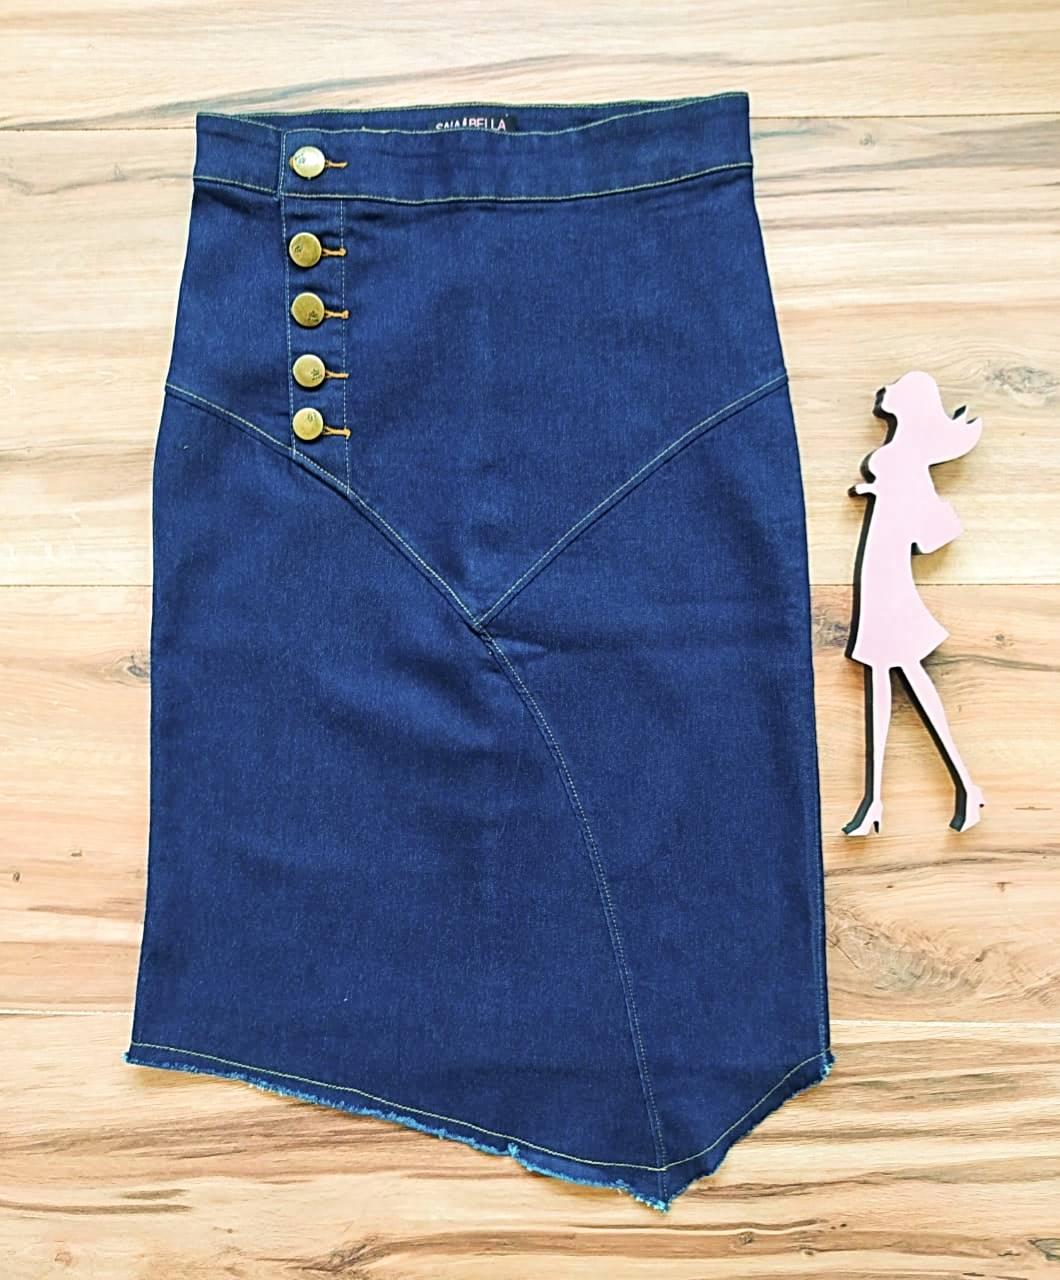 Saia Jeans Keyla SAIA BELLA SB7744 Azul Escuro